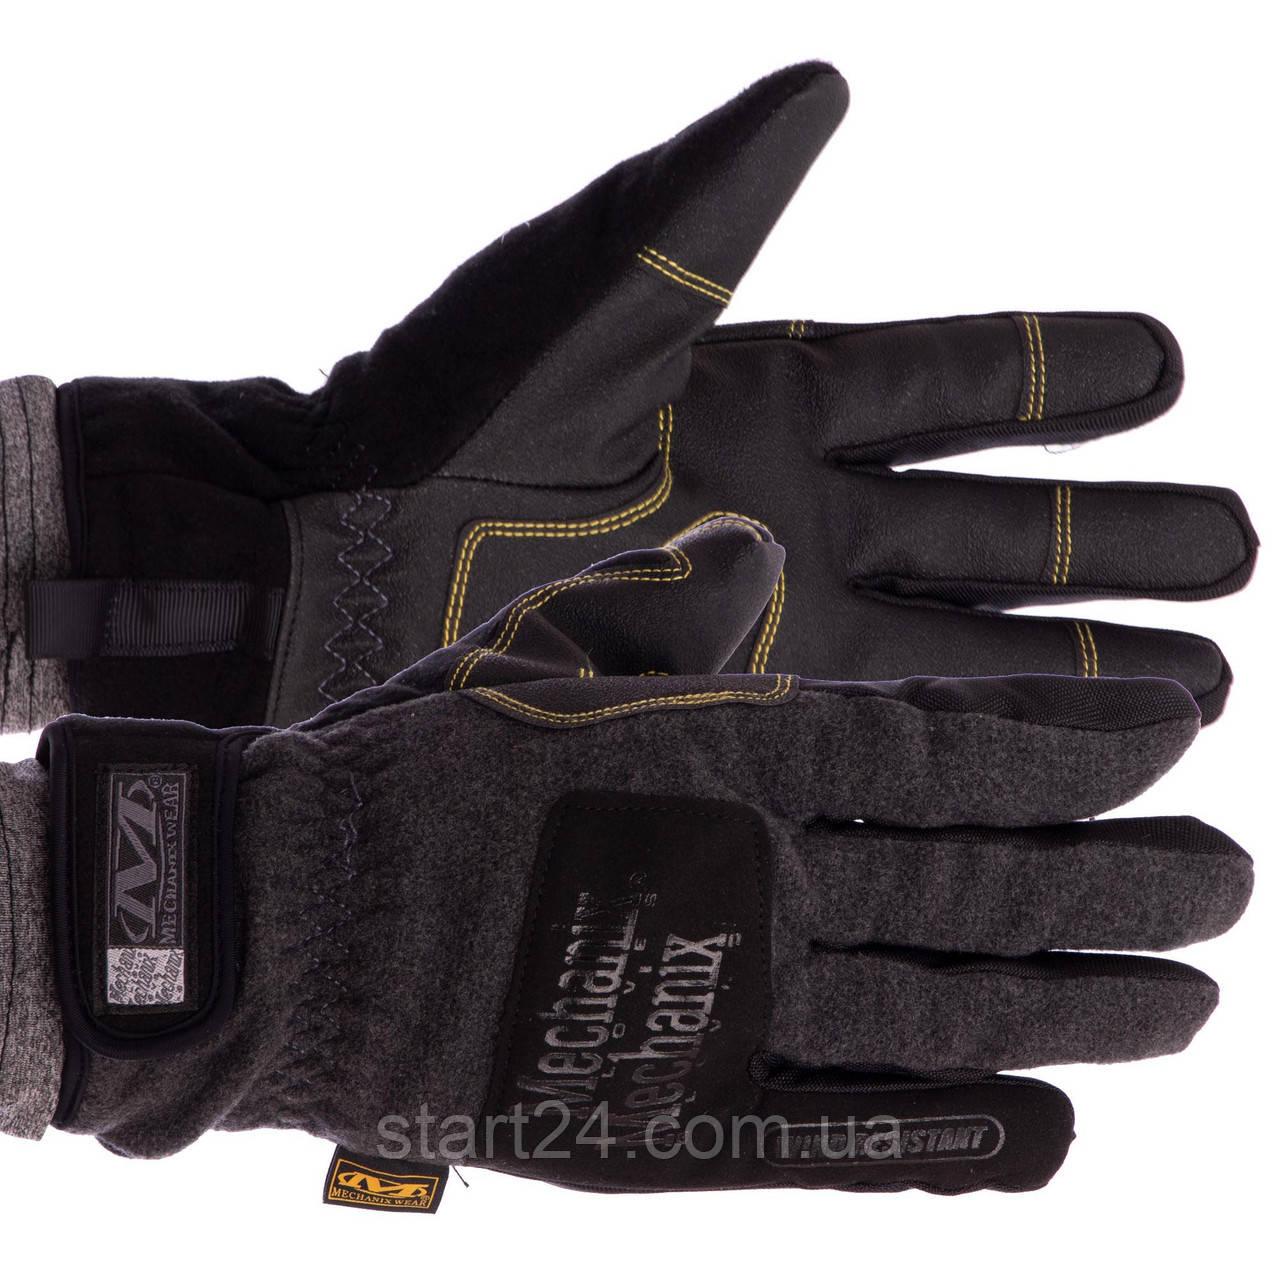 Рукавички теплі текстильні з закритими пальцями MECHANIX BC-5621 (р-р M-XL, чорний)